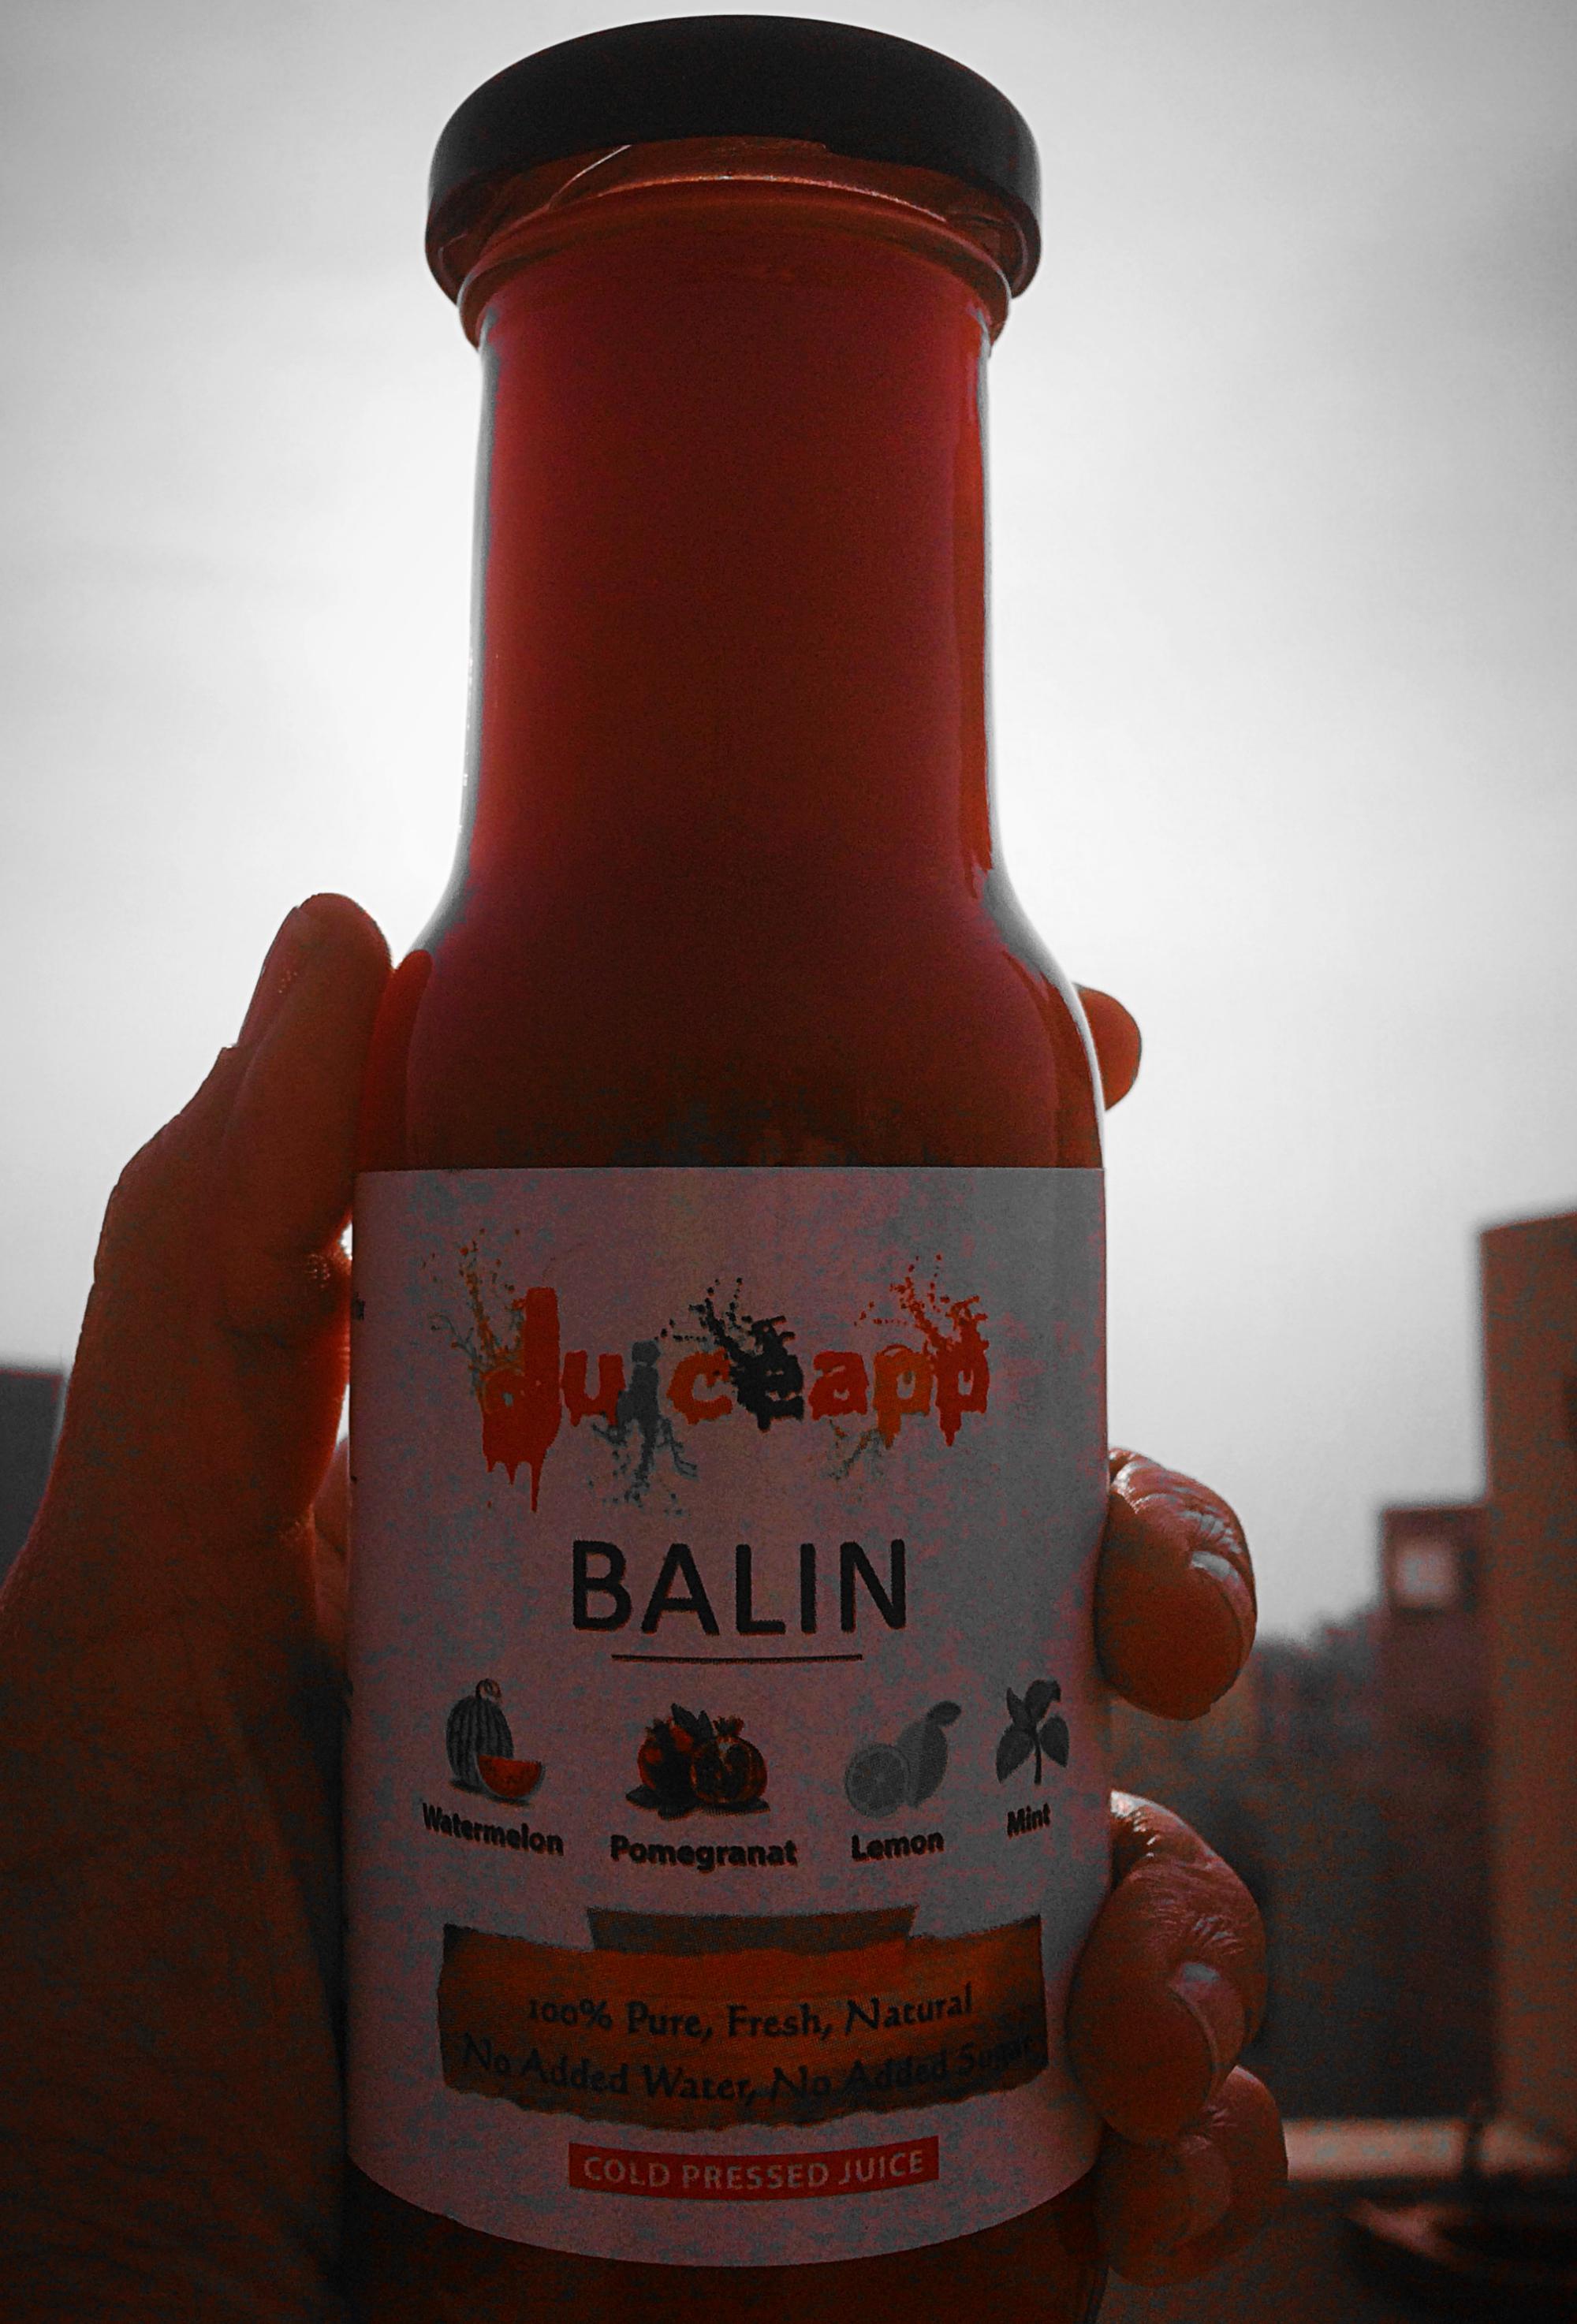 Balin Juice App